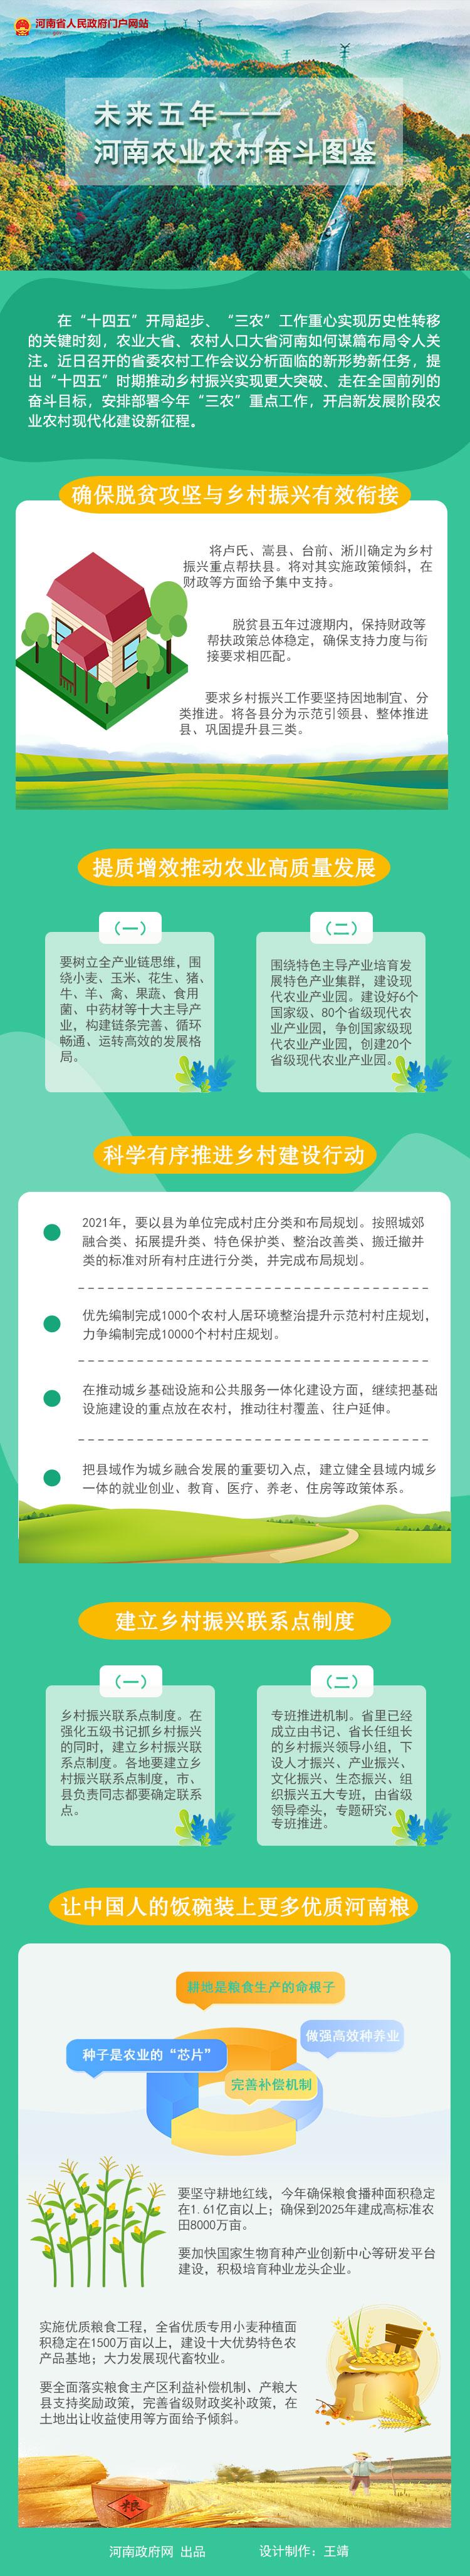 图解:未来五年,河南农业农村奋斗图鉴